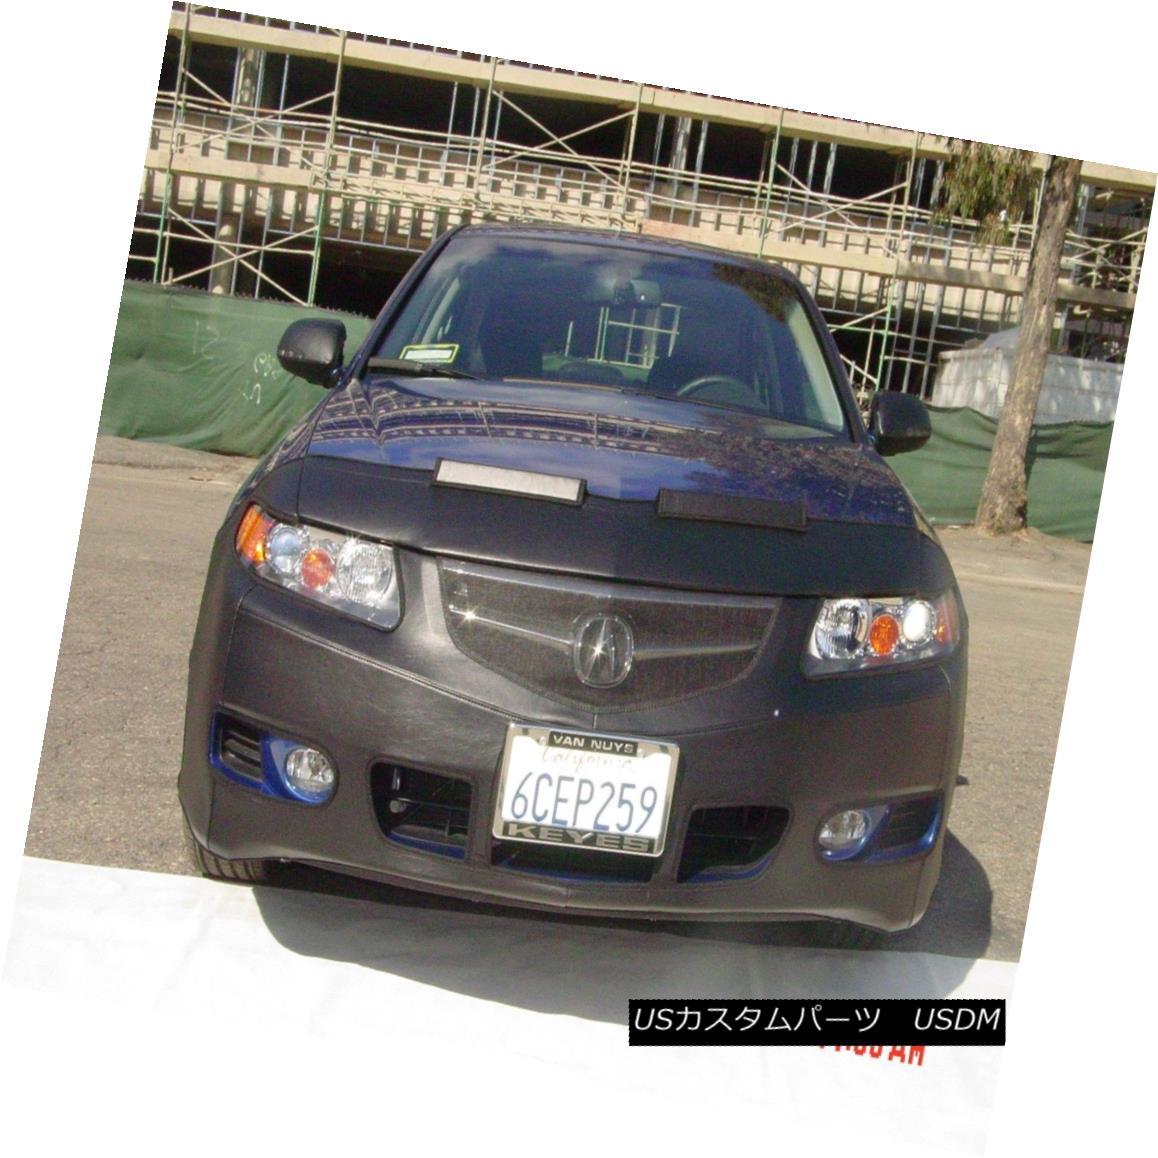 フルブラ ノーズブラ Colgan 2pc. End Mask Bra + Mirror Covers Fits 2006-08 Acura TSX W/. Lic. Plate コルガン2個。 エンド・マスク・ブラ+ミラーカバーフィット2006-08アキュラTSX W /。 Lic。 プレート